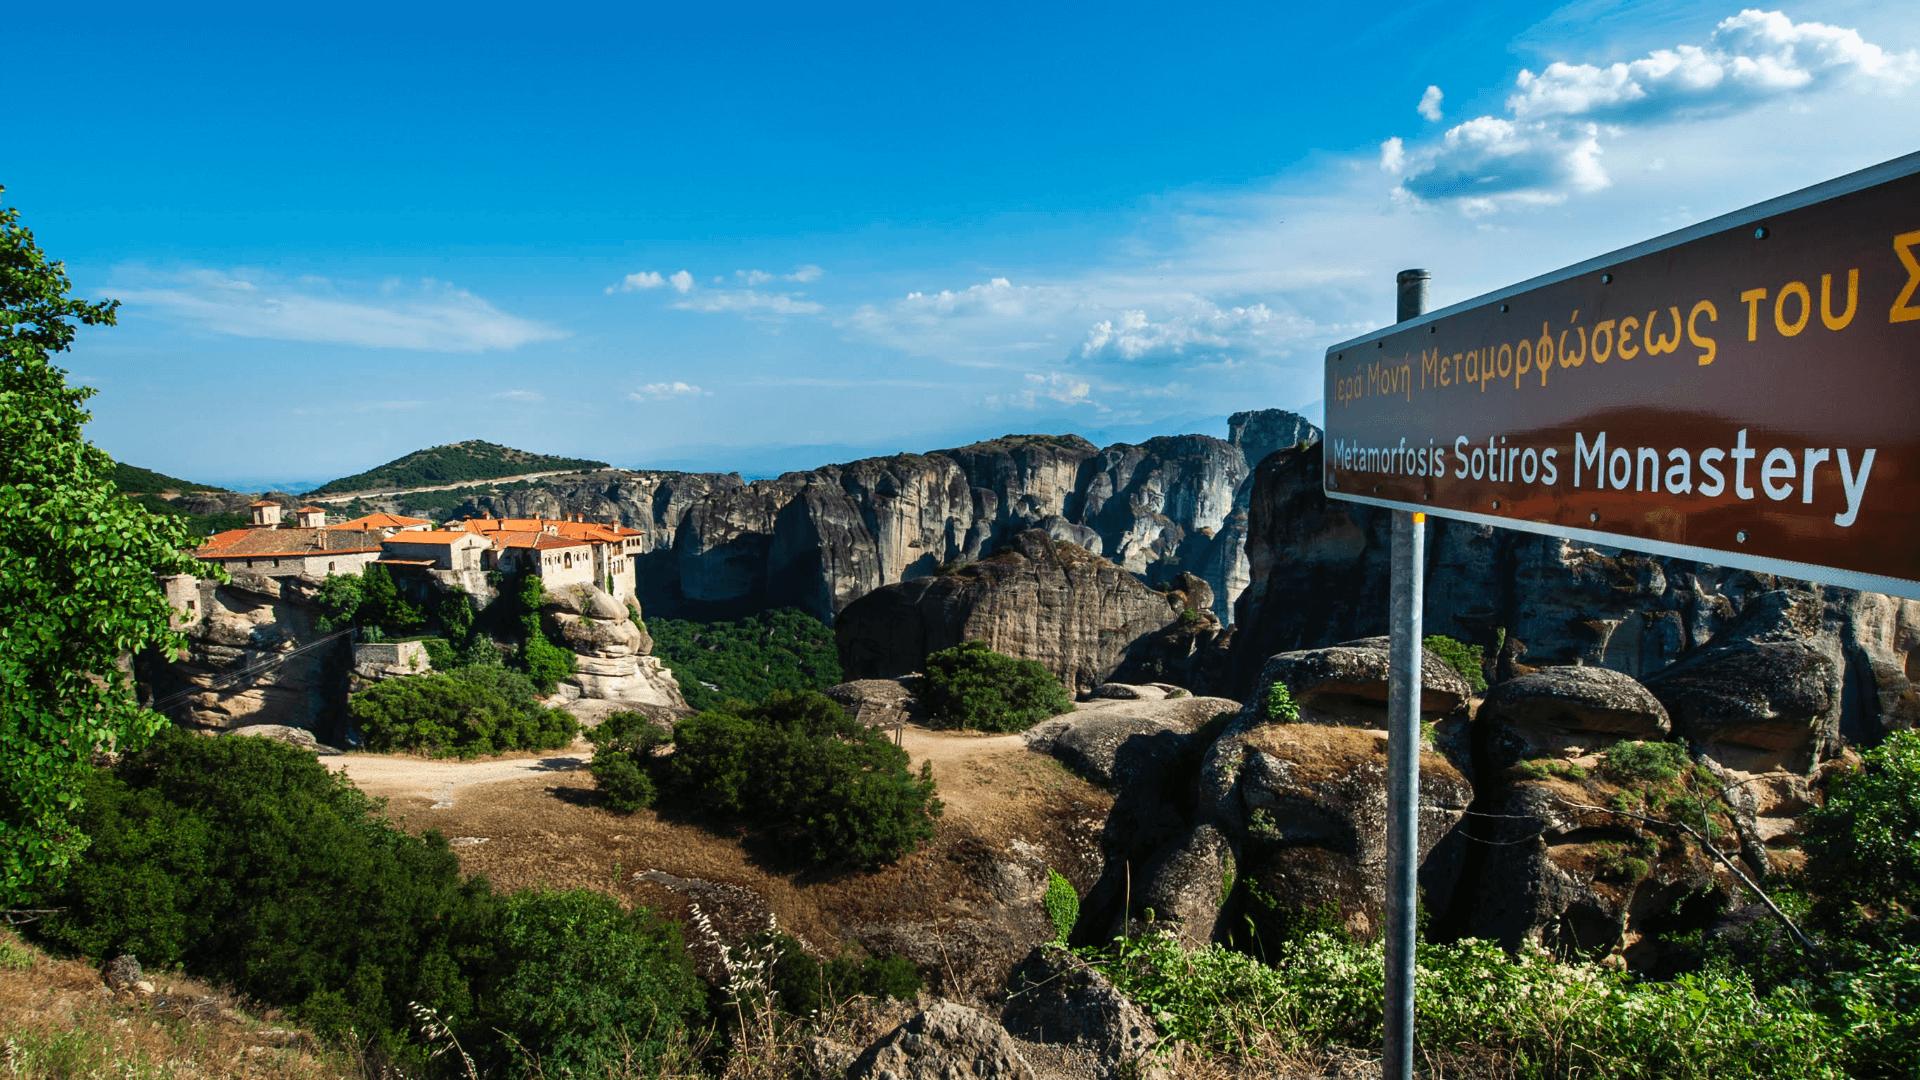 Fantastik Diyarlara Yolculuk, Meteora